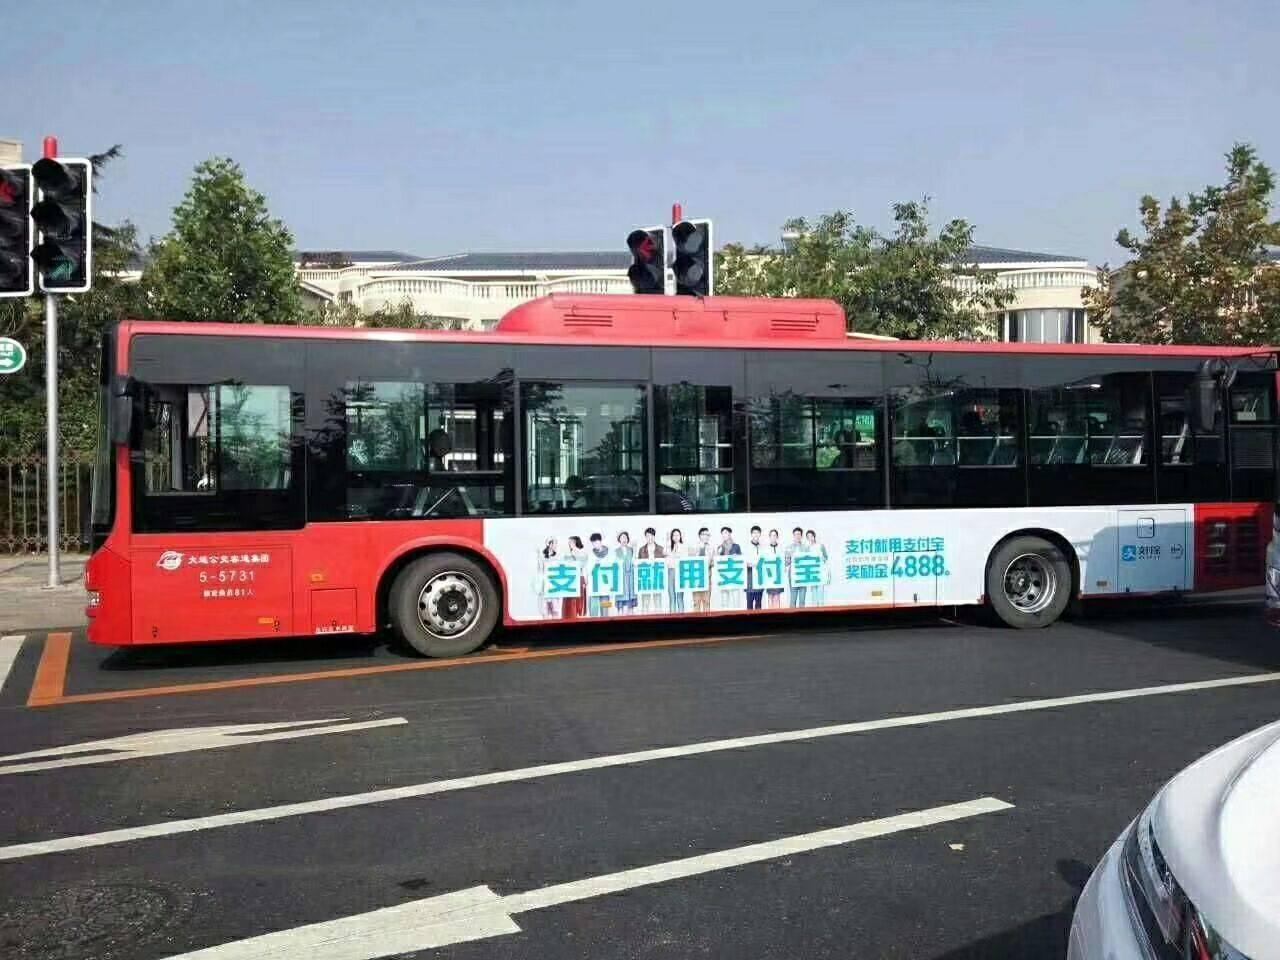 大连公交车体广告 932路/933路/BRT(小)【三个月】